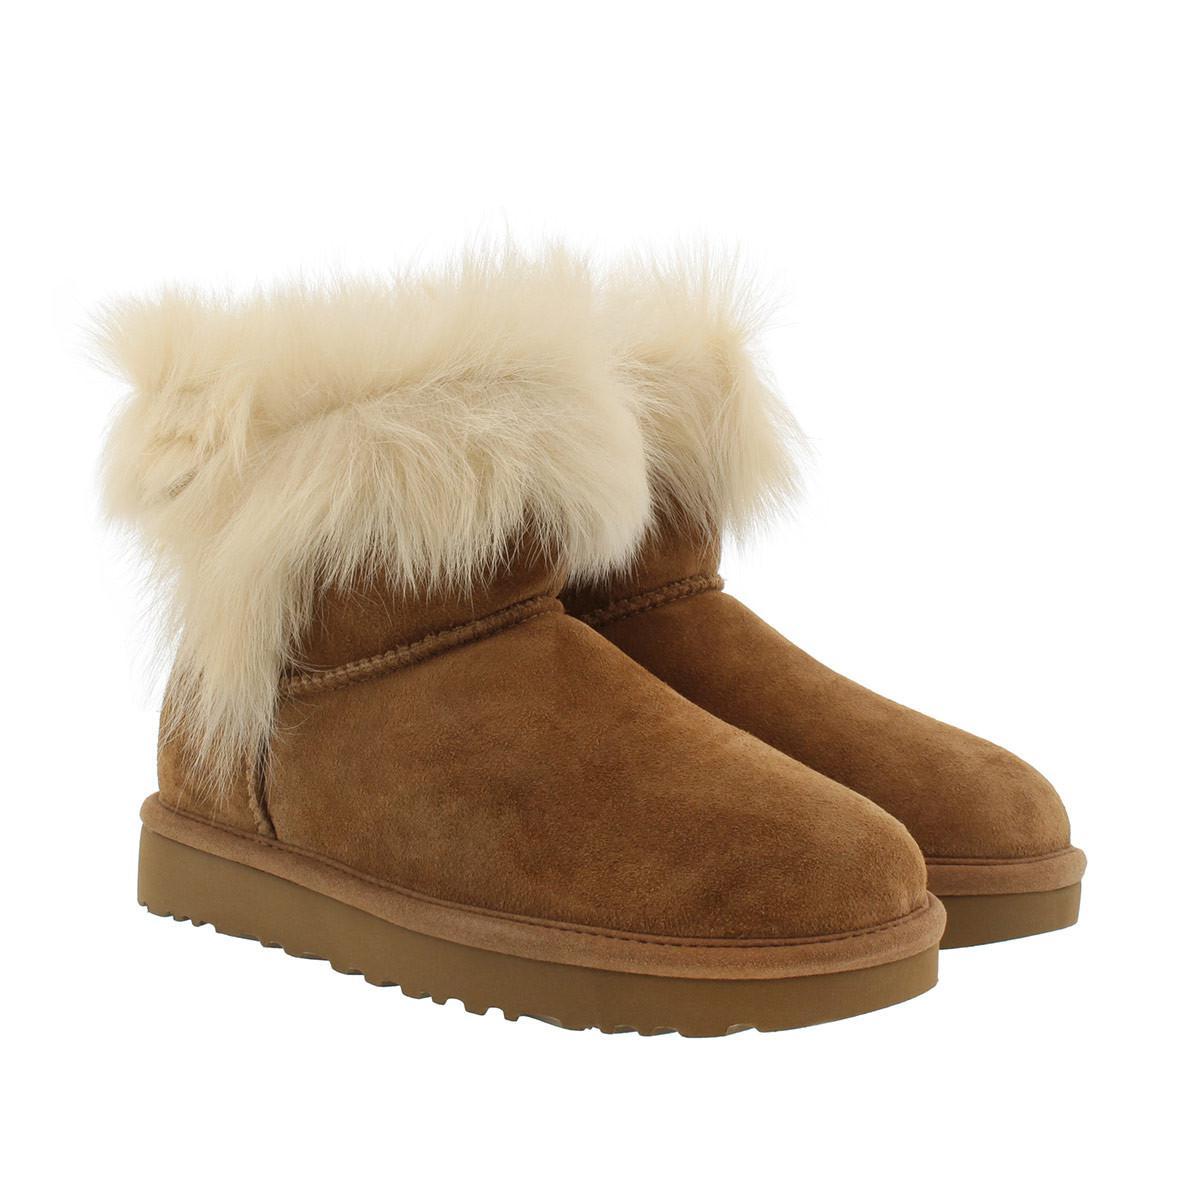 2425da31a19 Ugg Brown W Milla Classic Boot Chestnut